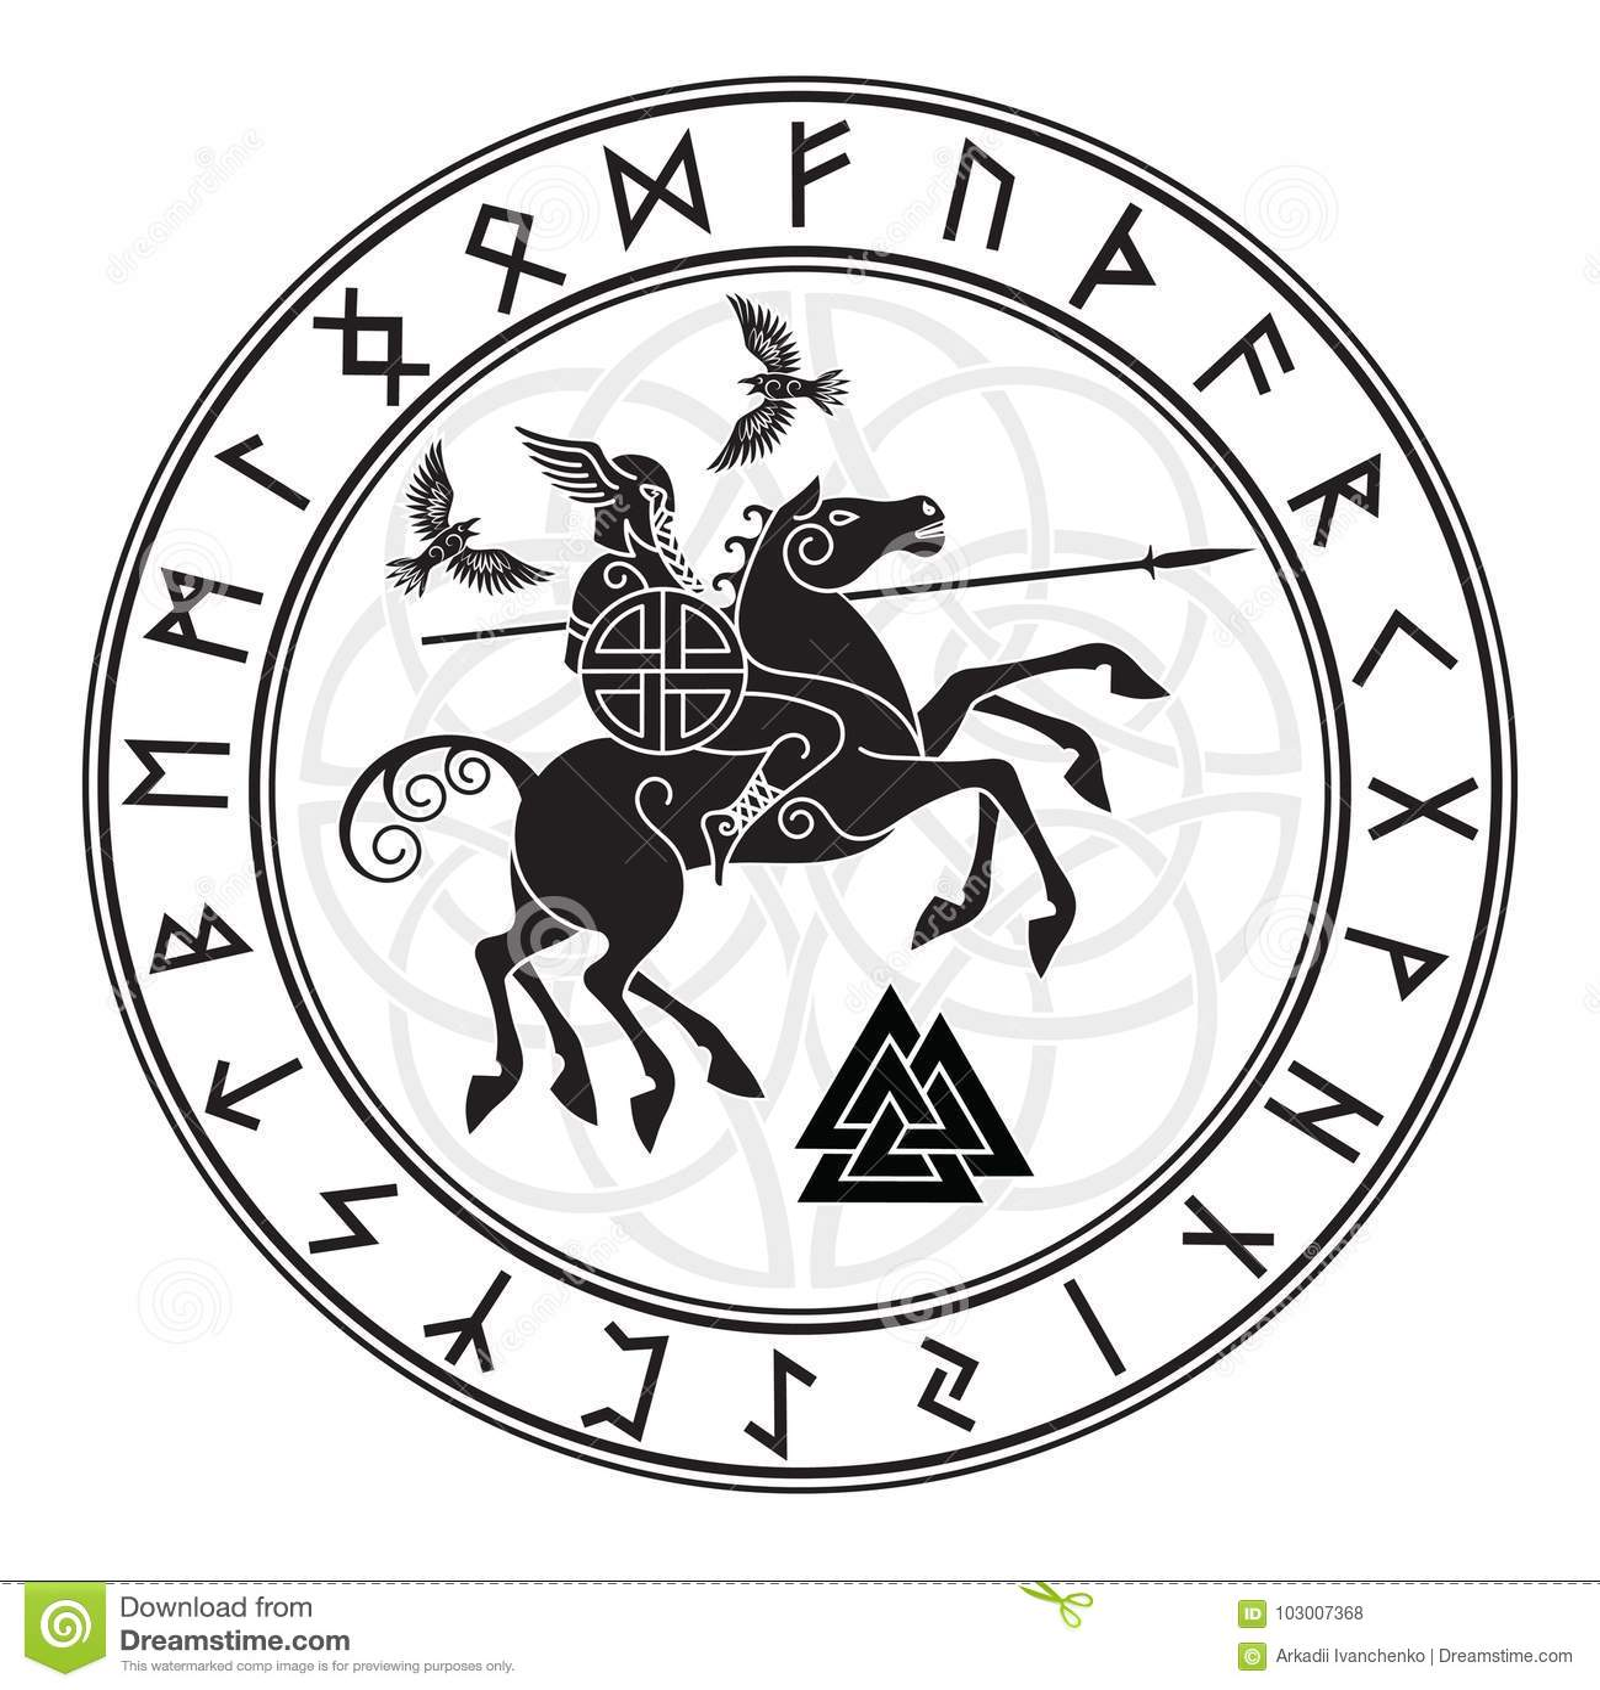 Θεός Wotan, που οδηγά σε άλογο Sleipnir με μια λόγχη και δύο κοράκια σε έναν κύκλο των ρούνων Νορβηγών Απεικόνιση των Νορβηγών